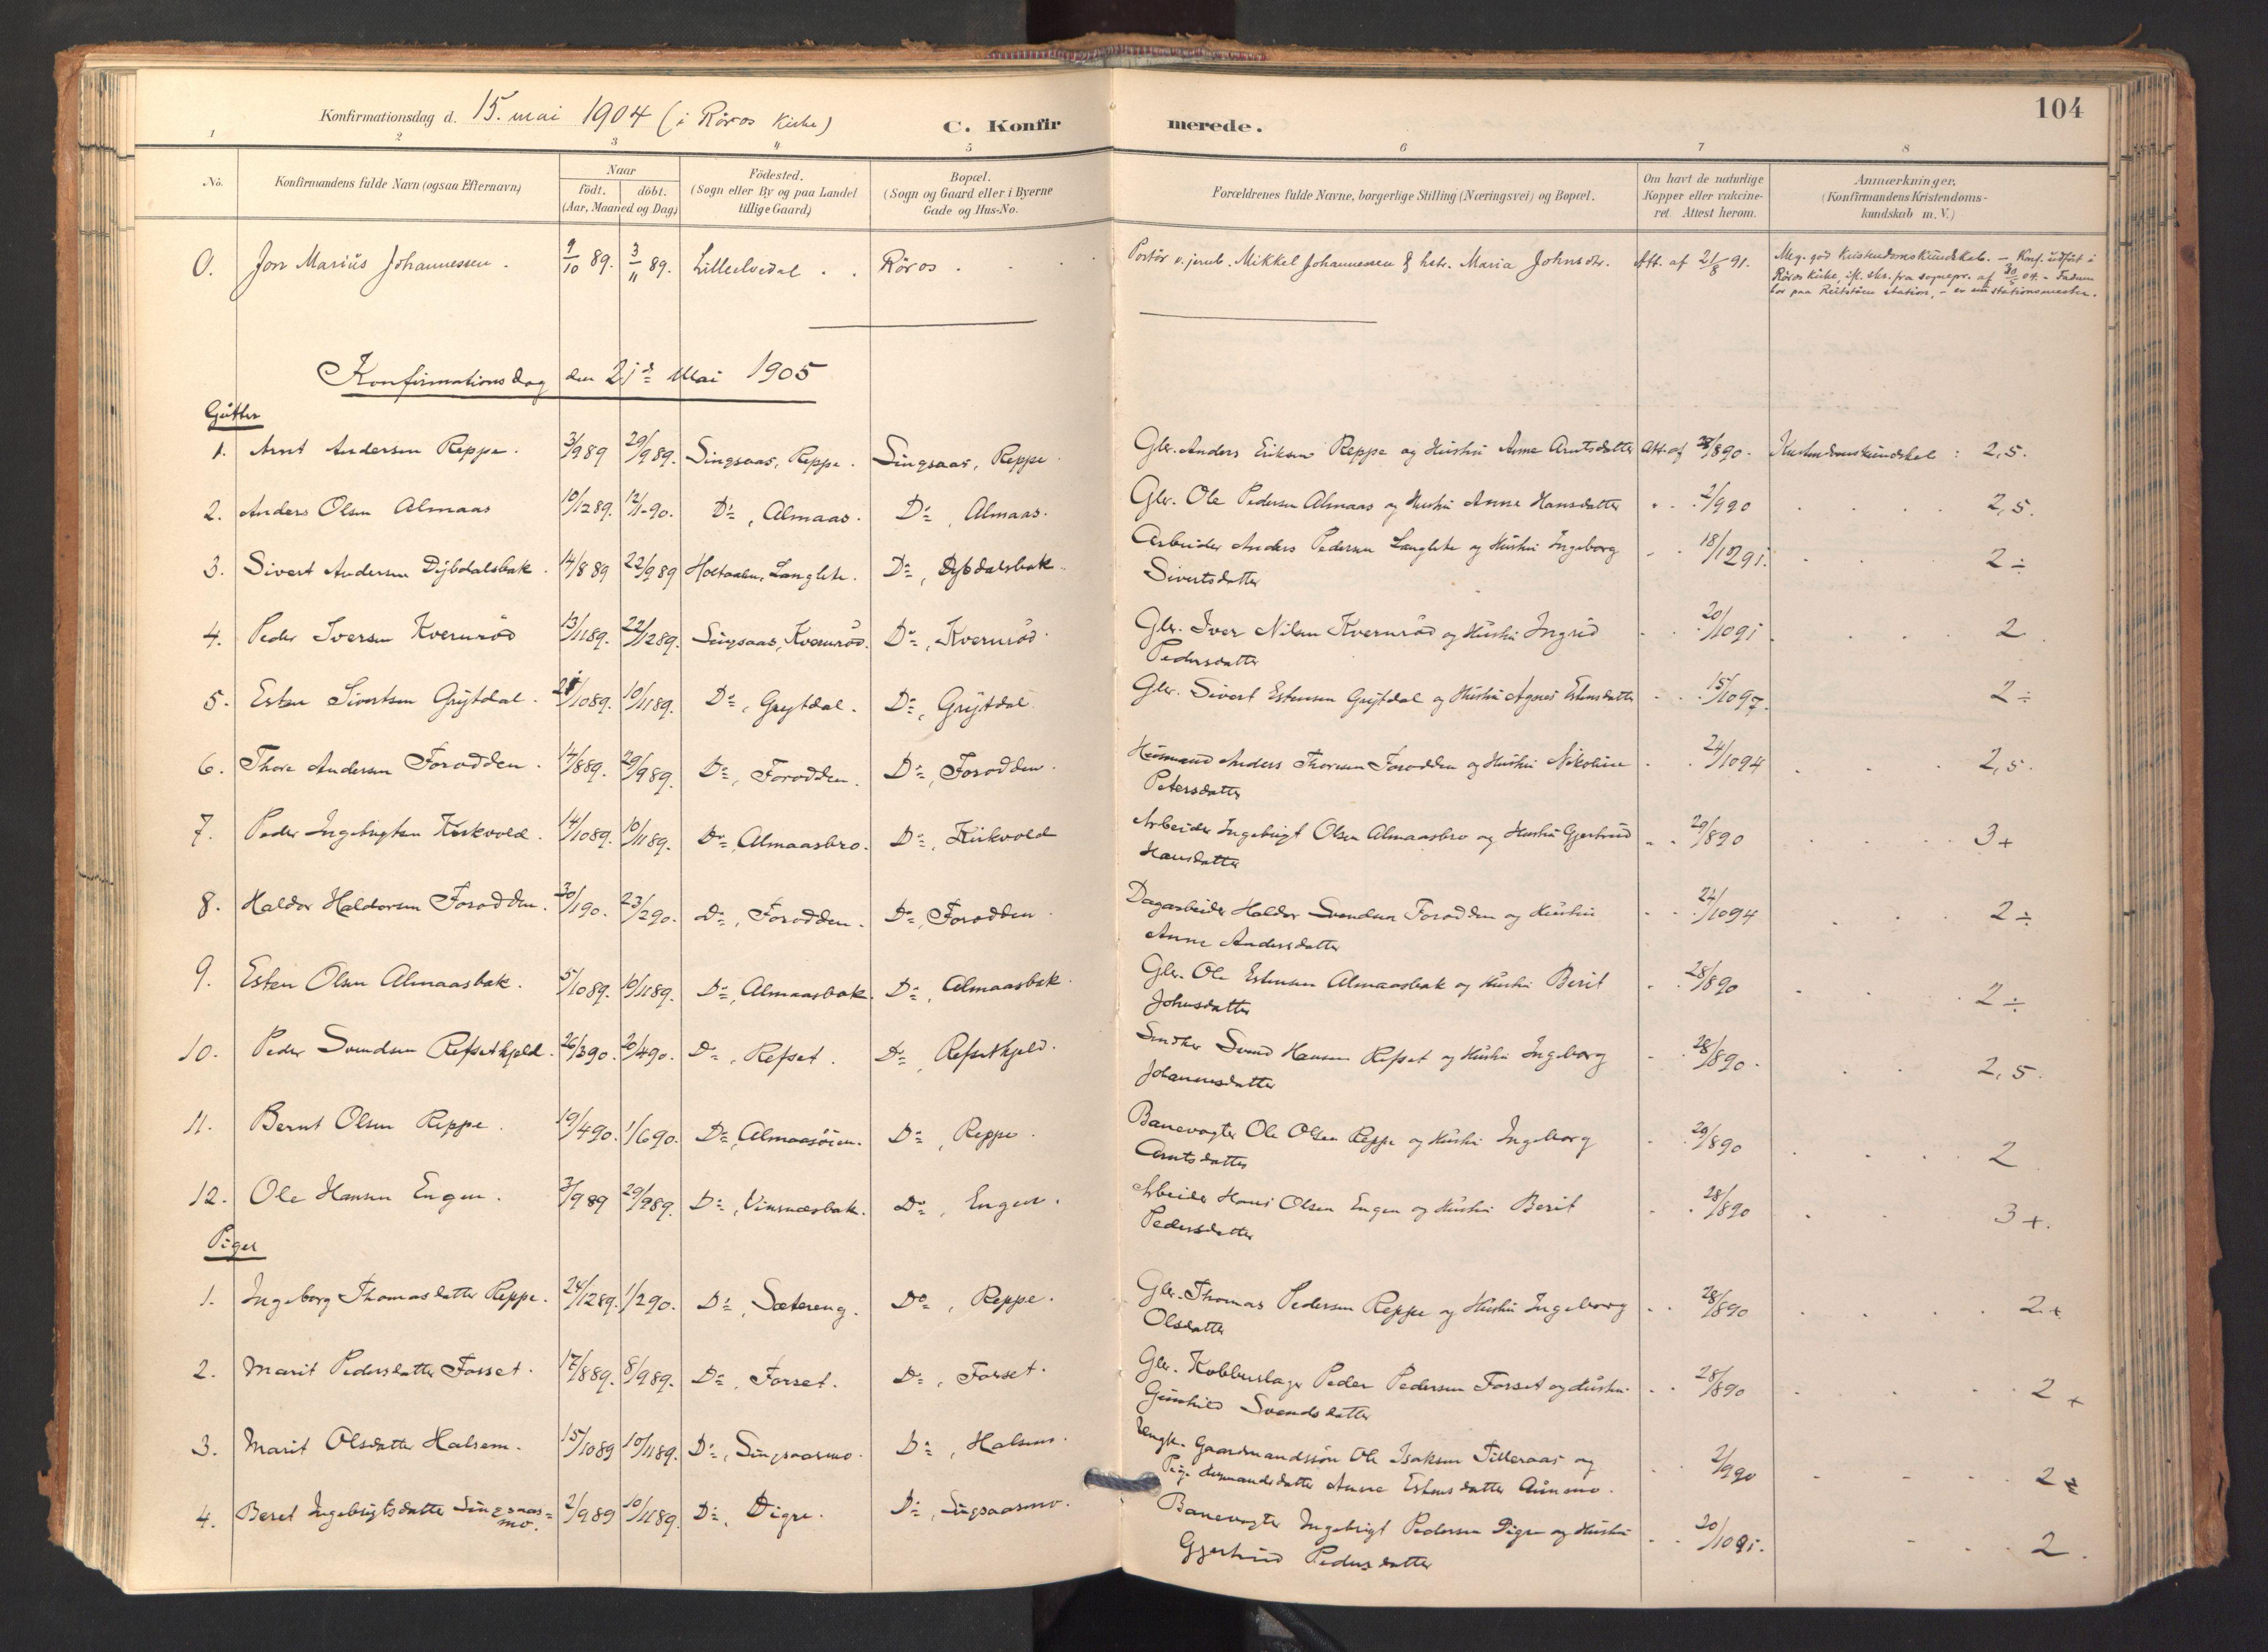 SAT, Ministerialprotokoller, klokkerbøker og fødselsregistre - Sør-Trøndelag, 688/L1025: Ministerialbok nr. 688A02, 1891-1909, s. 104